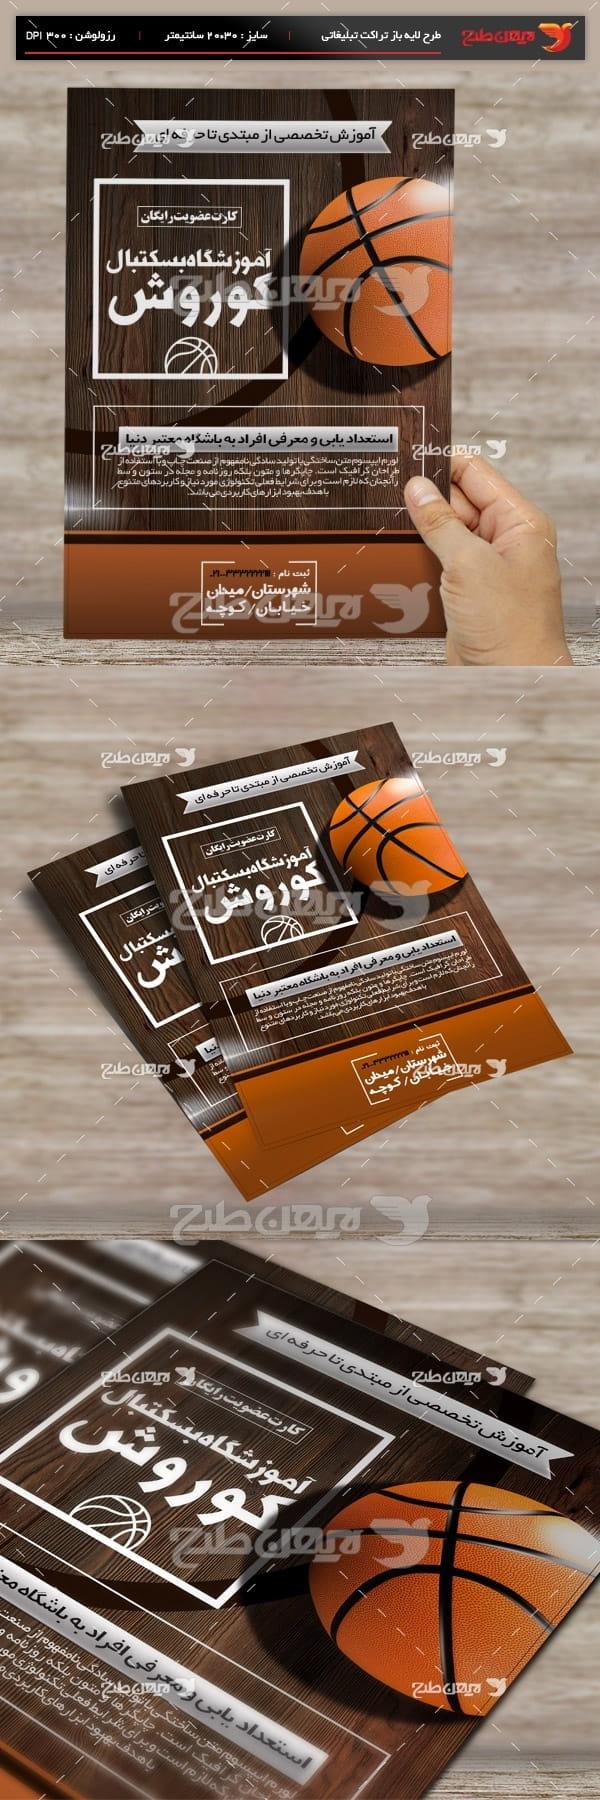 طرح لایه باز تراکت رنگی آموزشگاه بسکتبال کوروش